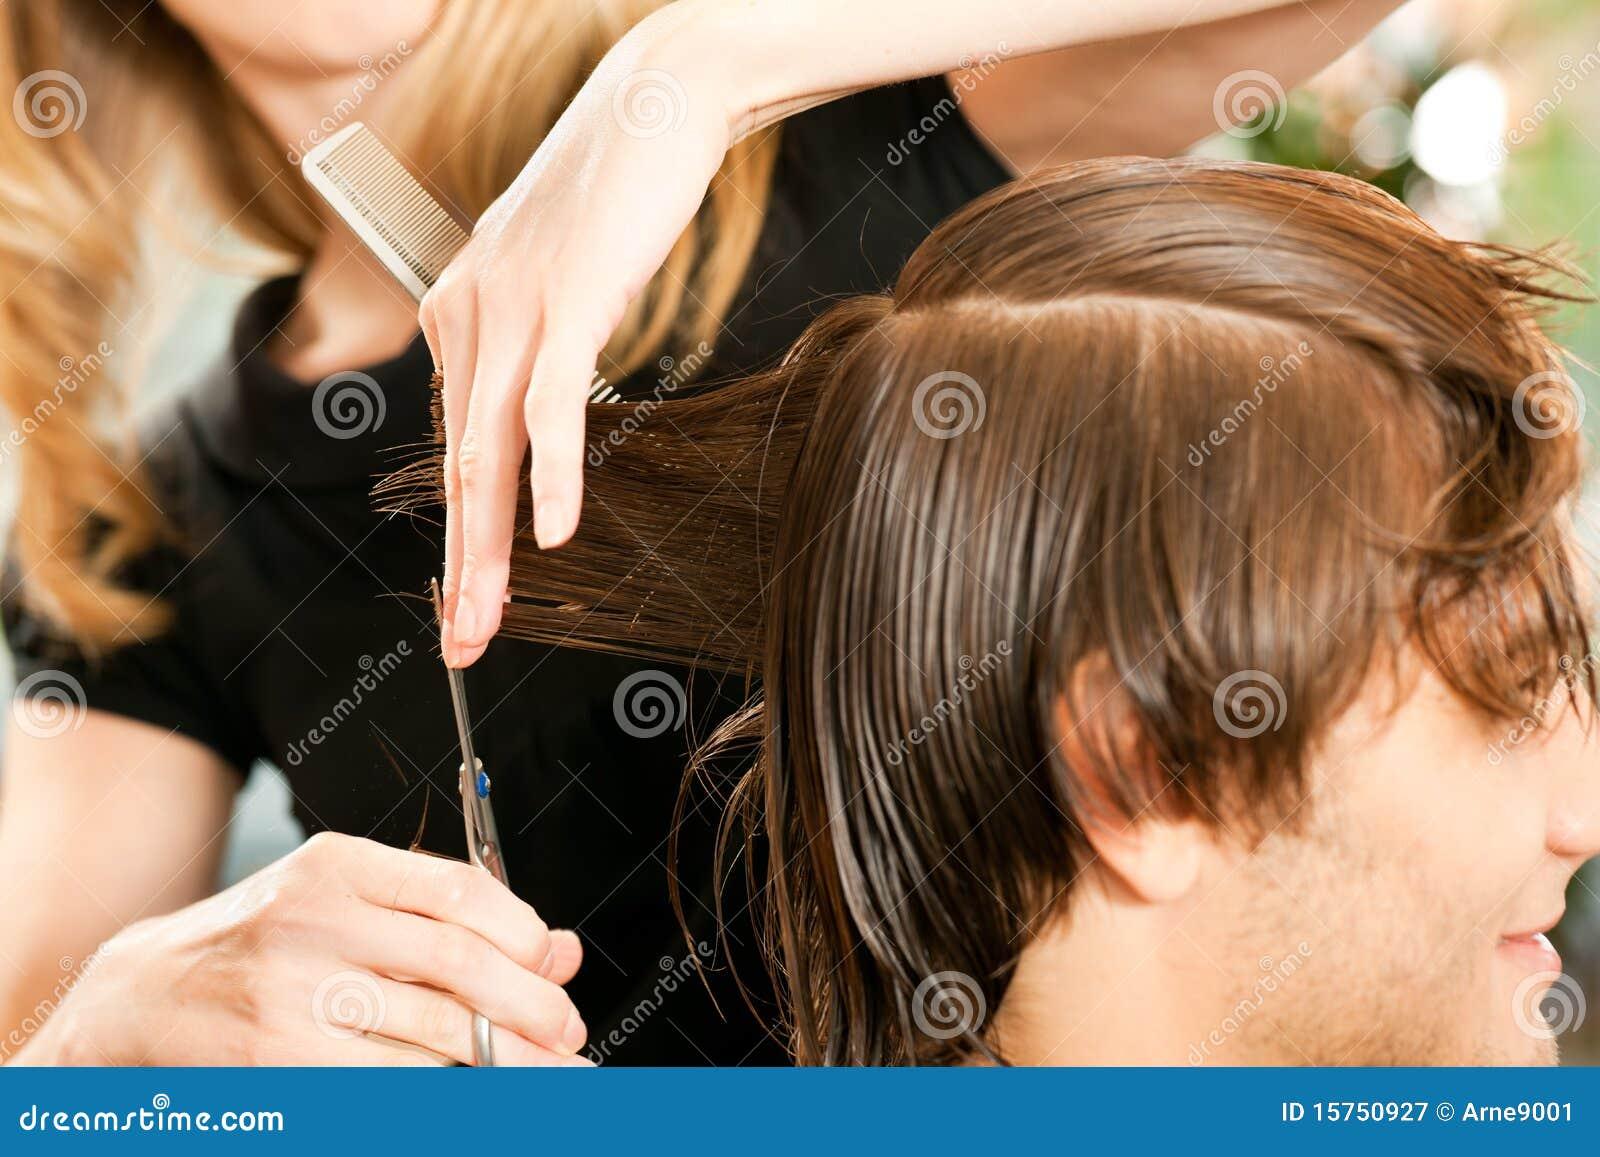 Cherche emploi coiffeur homme